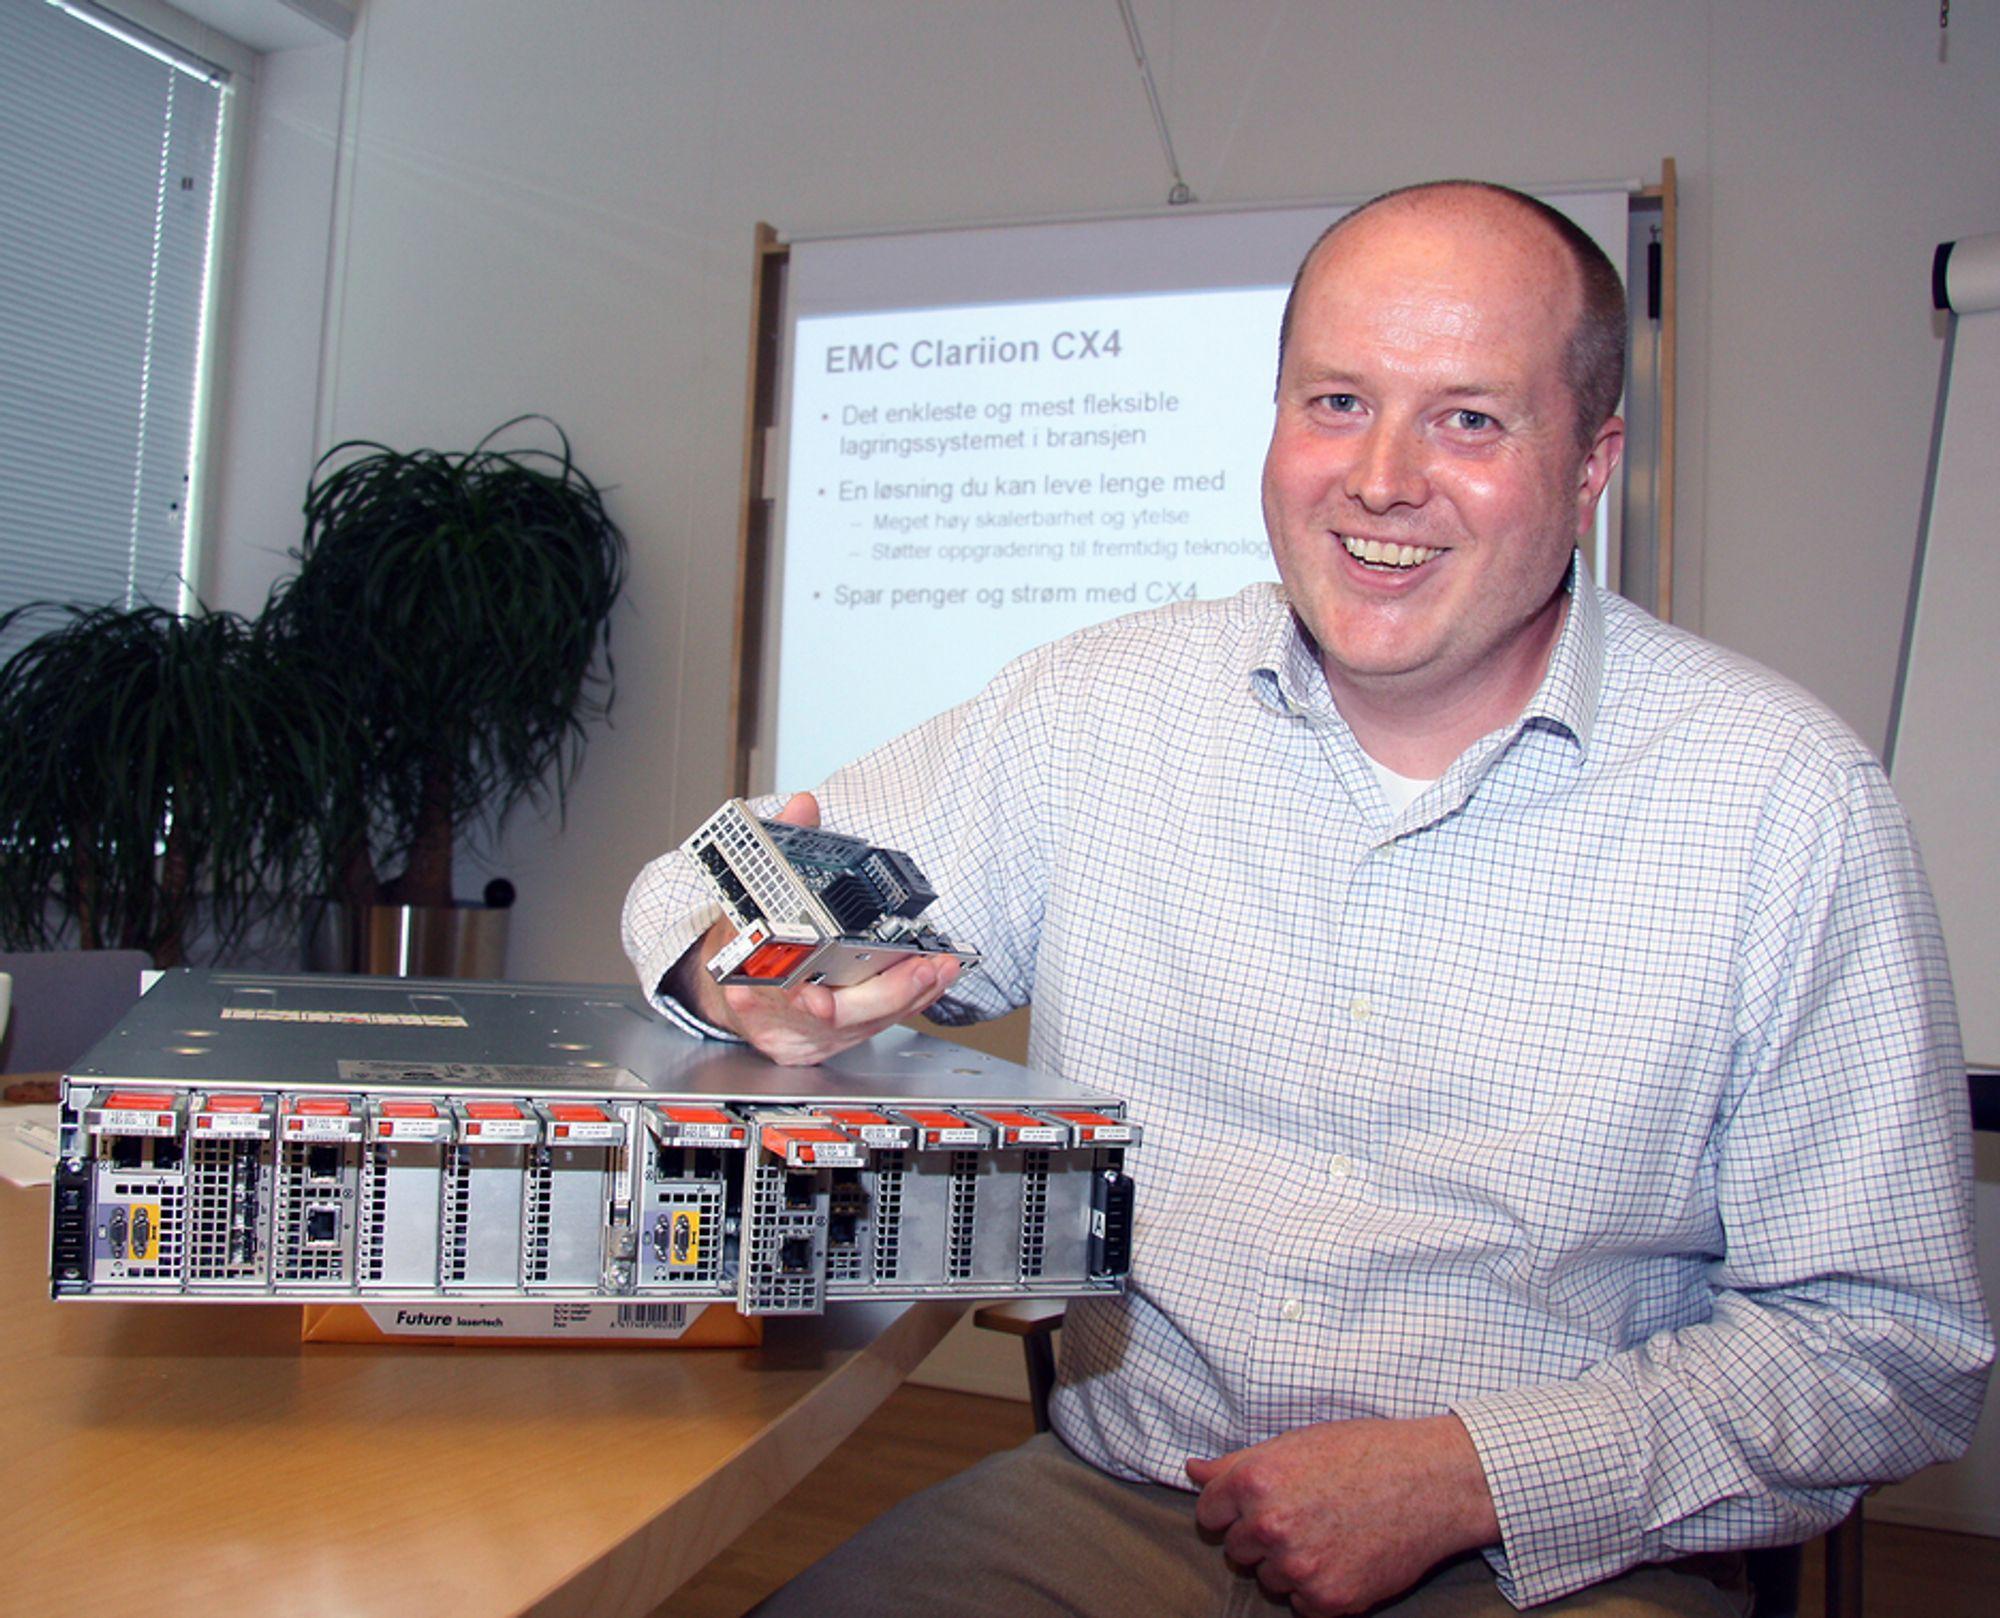 SUPERDUPER: Ingen slår den nye CX4-serien av Clarion på fleksibilitet og hastighet, mener teknologikonsulent Rover Samdal i EMC.